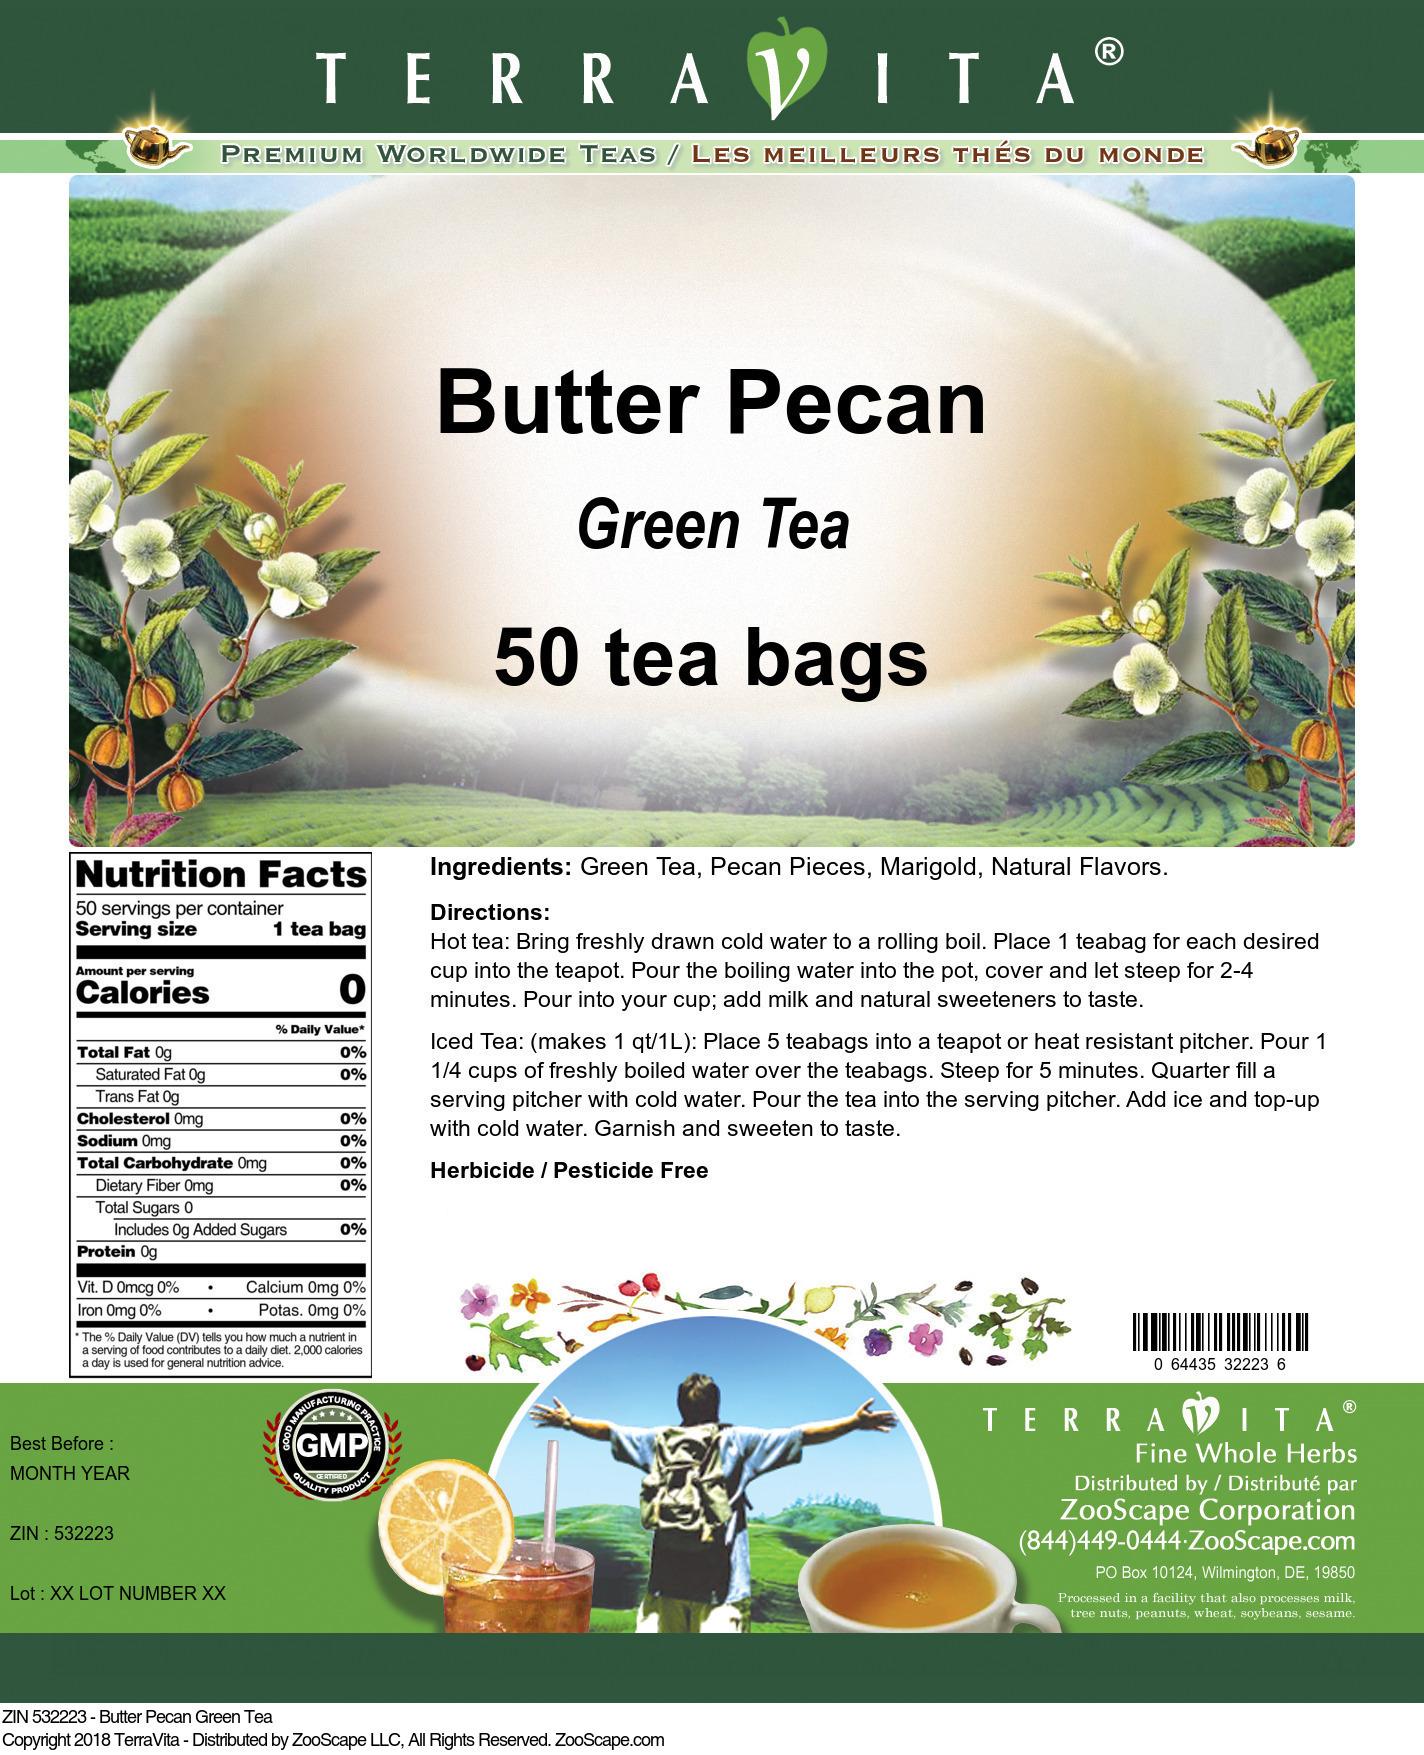 Butter Pecan Green Tea